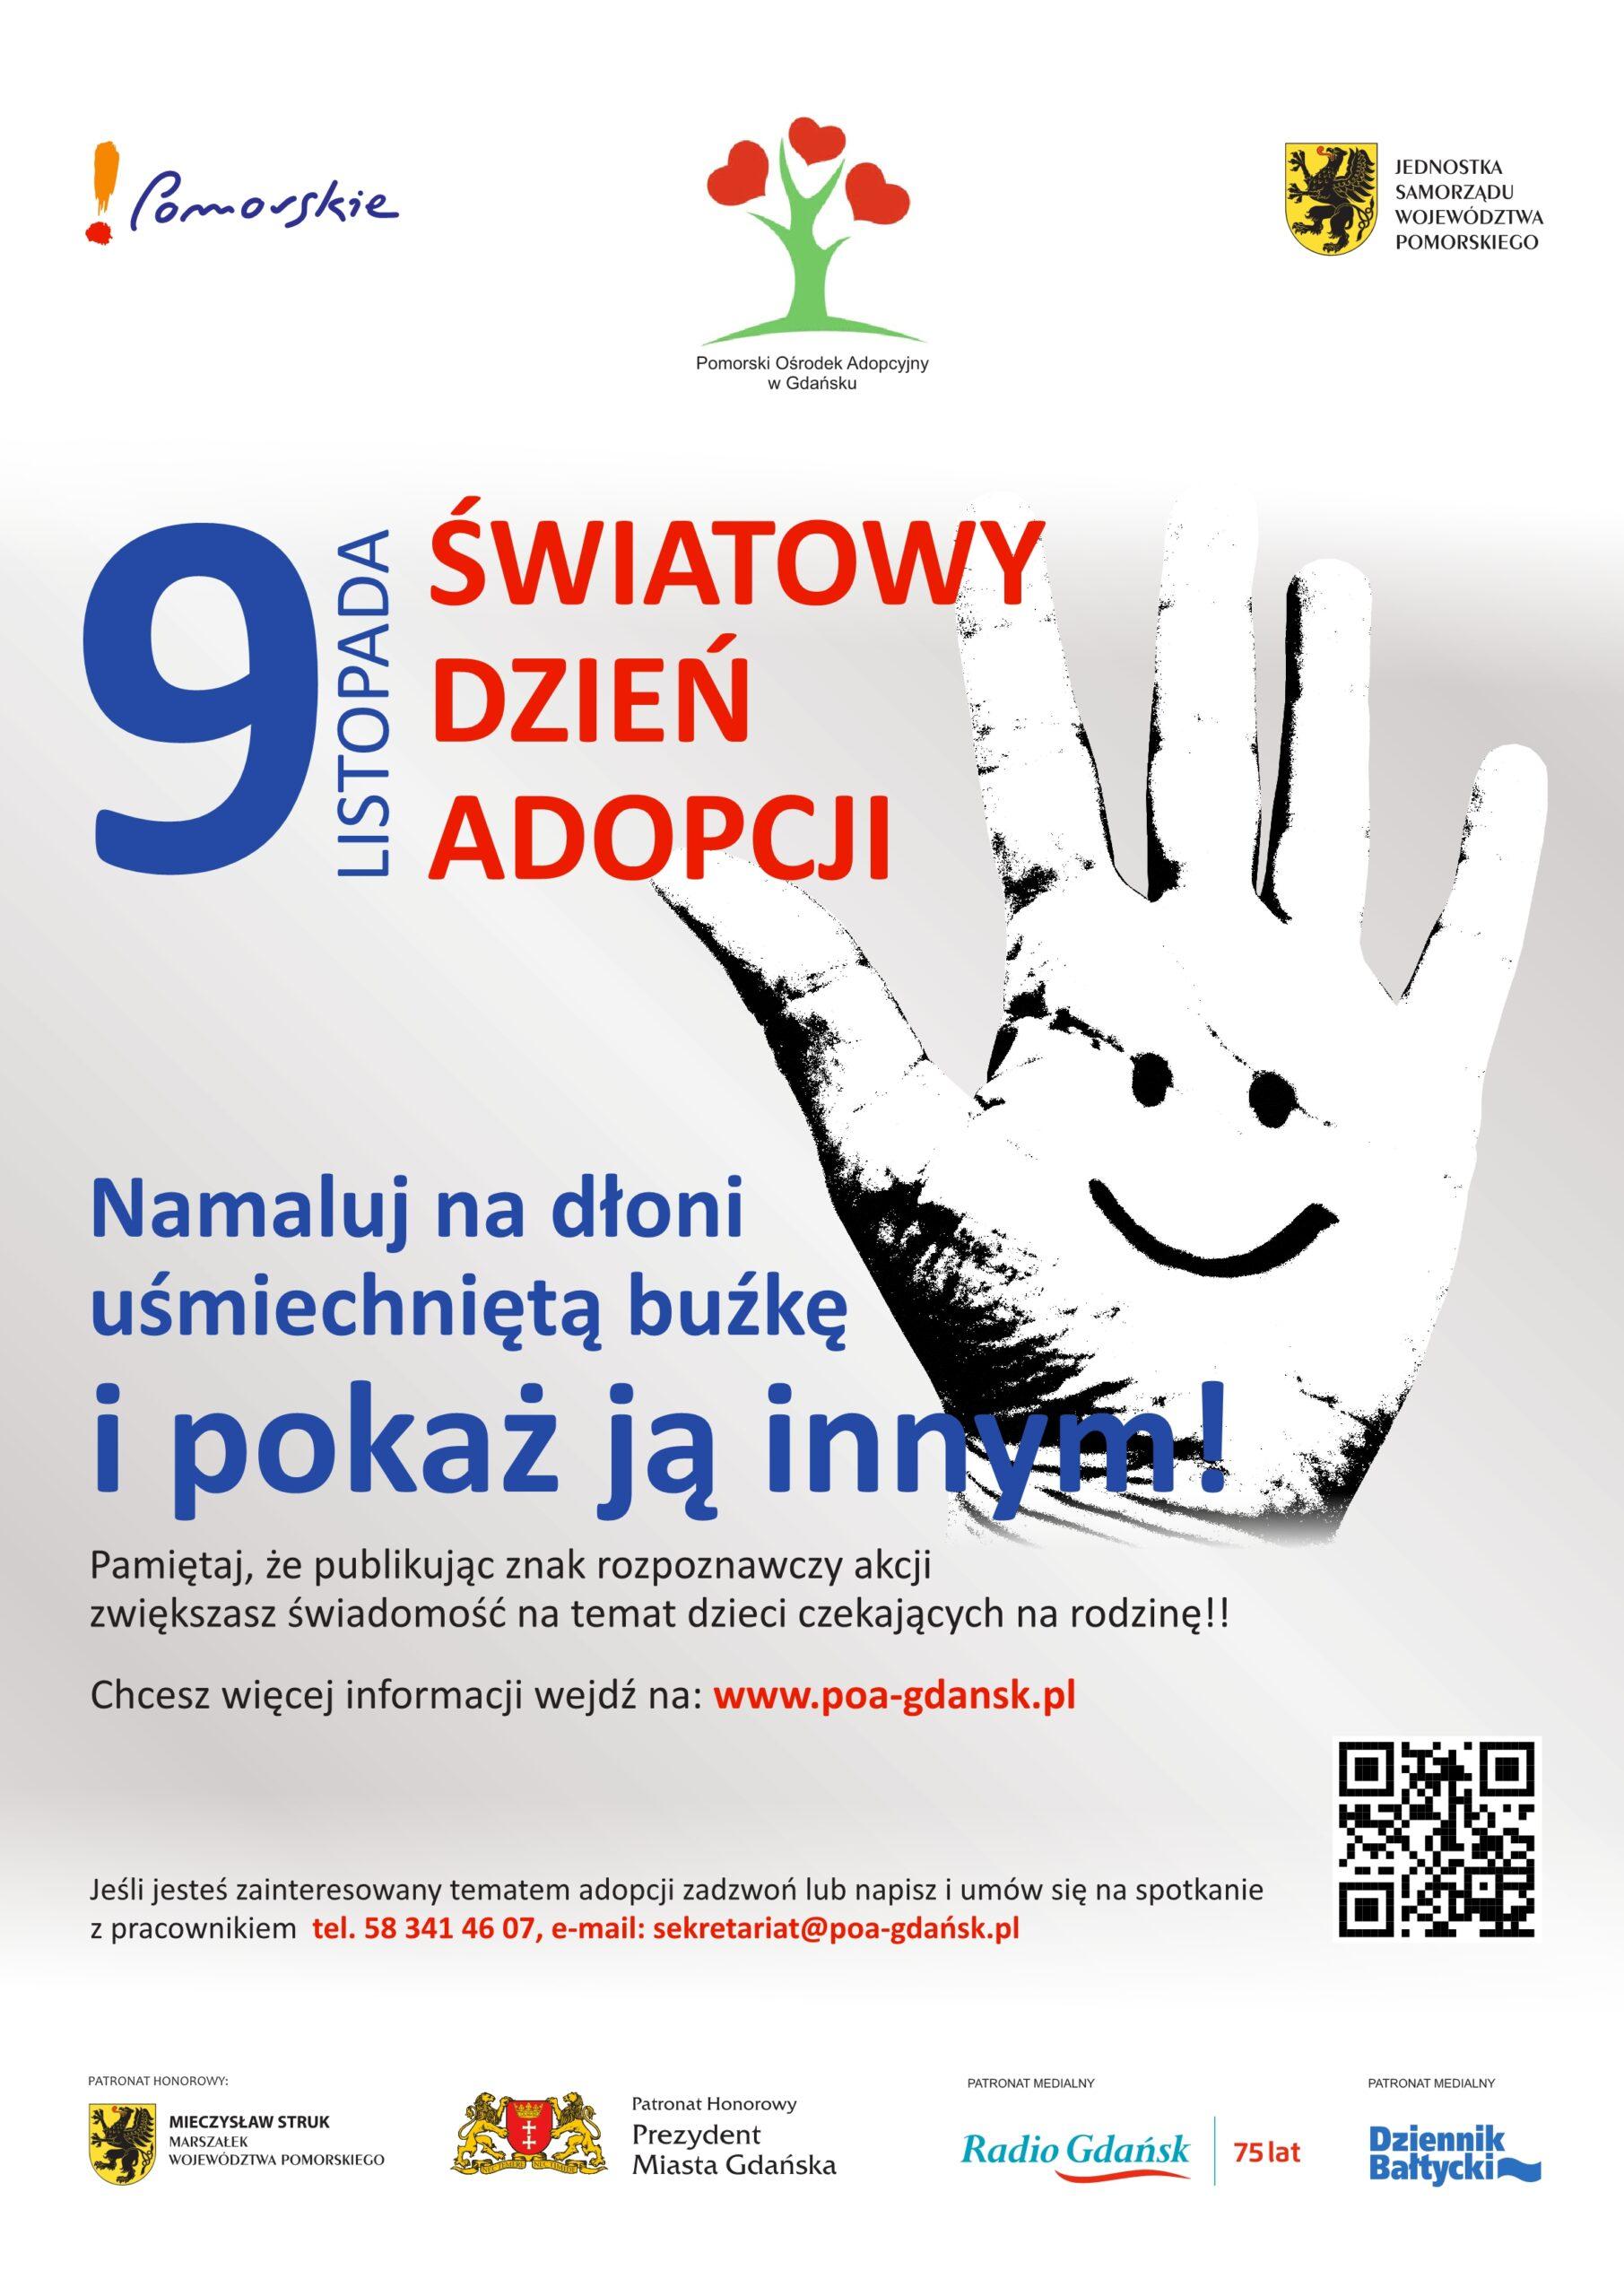 9 listopada – Światowy Dzień Adopcji